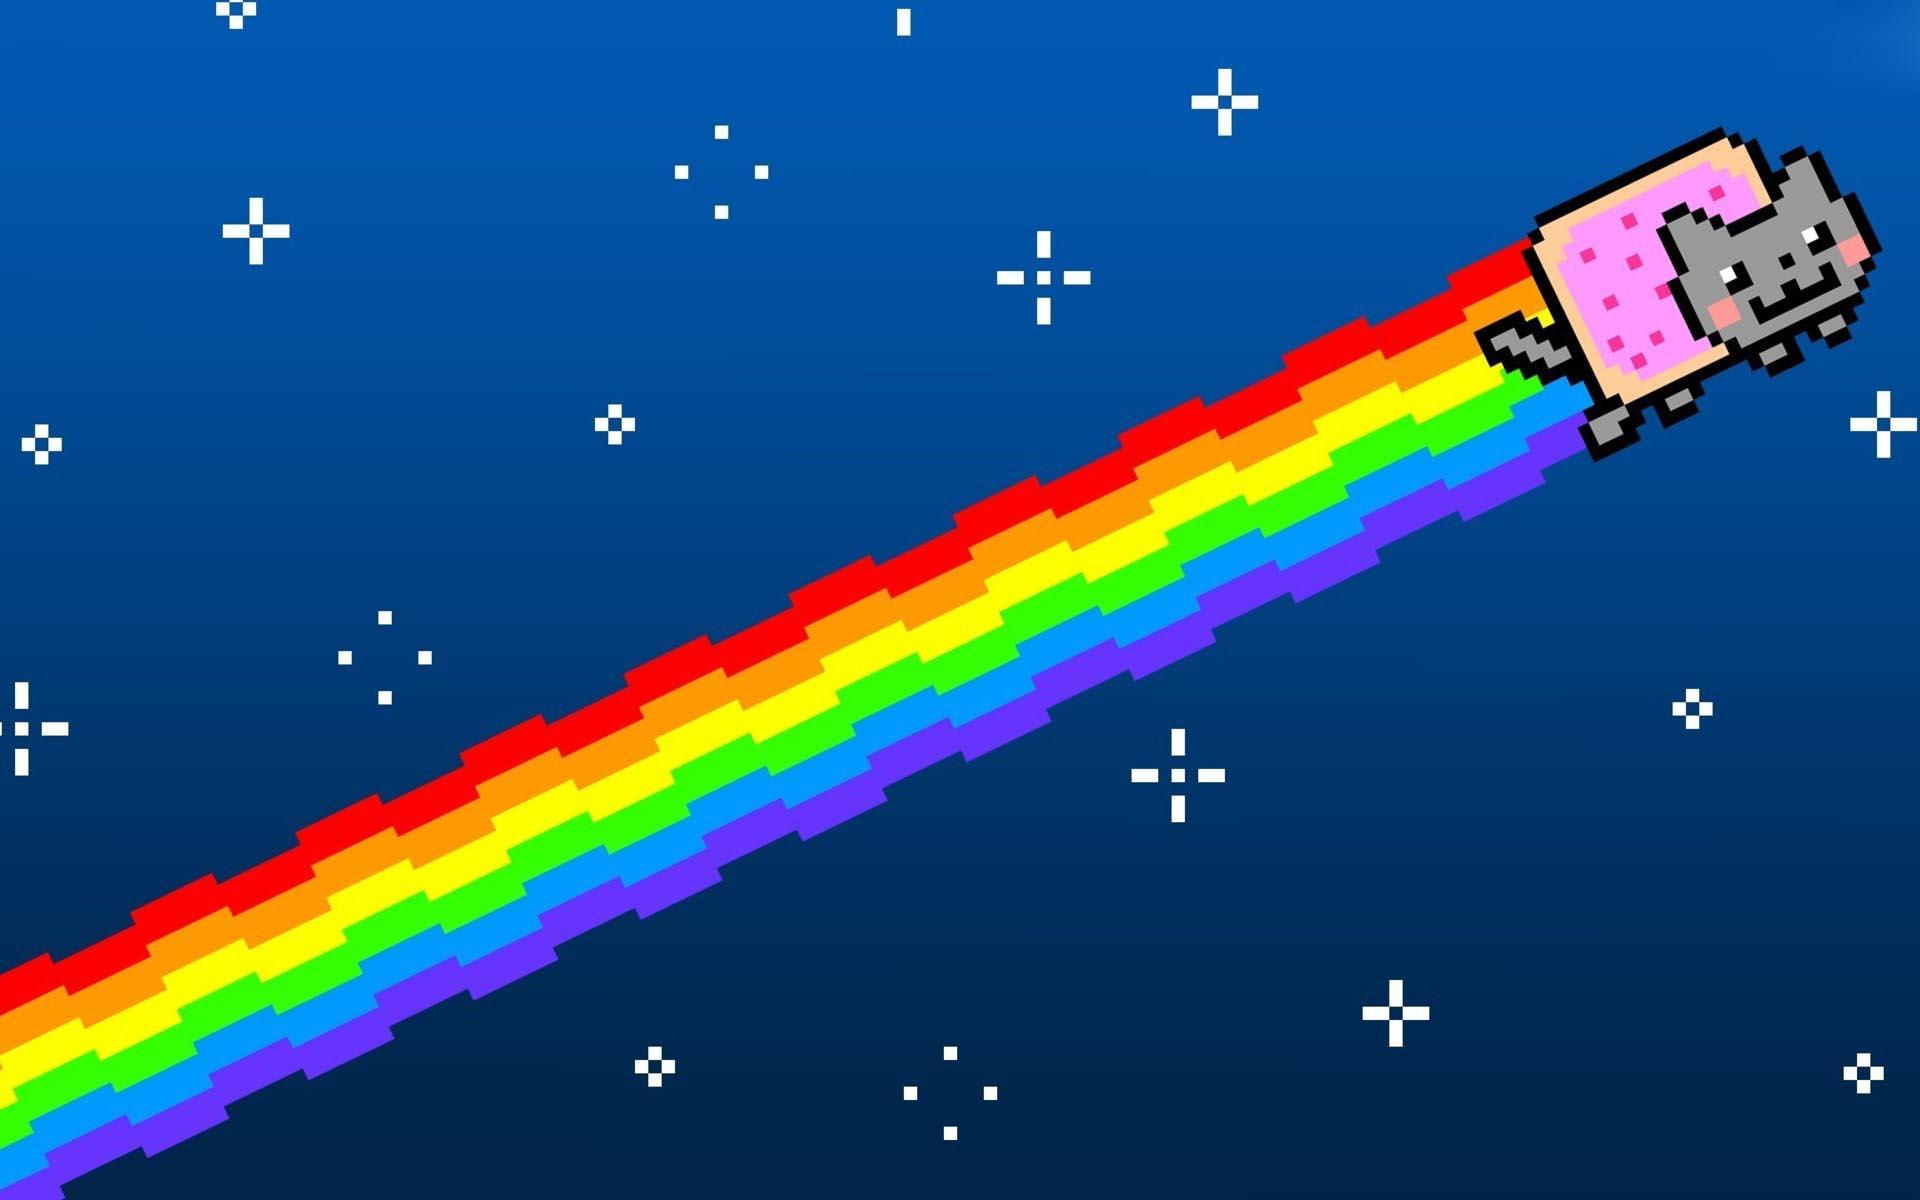 Nyan cat пробежал над Японией и взорвал местный твиттер. Фотографии необычного неба уже разошлись на мемы